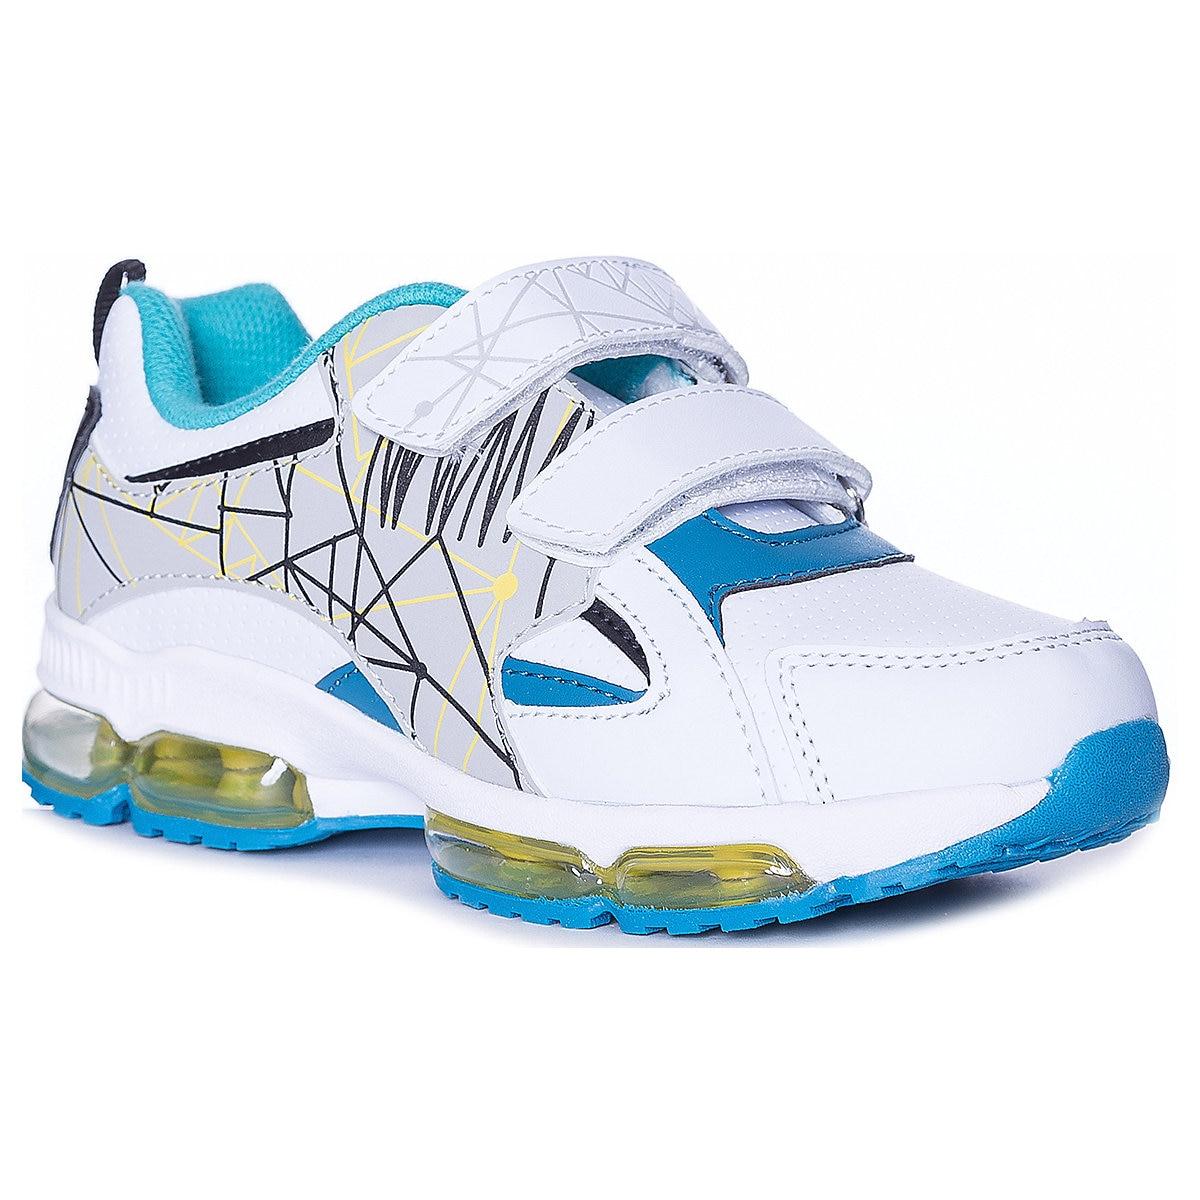 KAKADU Kids' Sneakers 10696124 Shoes Footwear Sport White Boys Spring/Autumn